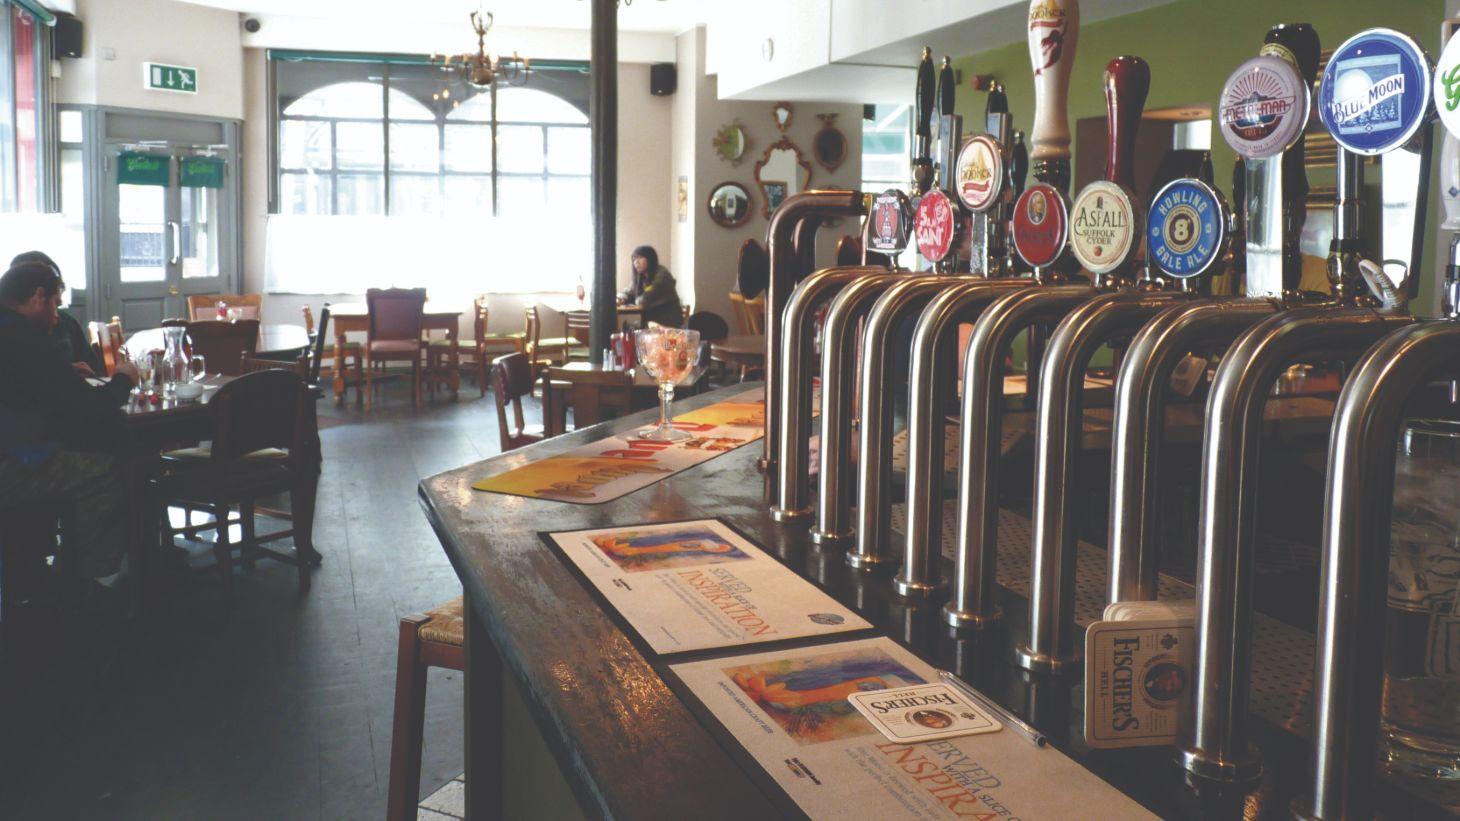 Beer lovers will enjoy the huge range of beers at The Black Sheep.